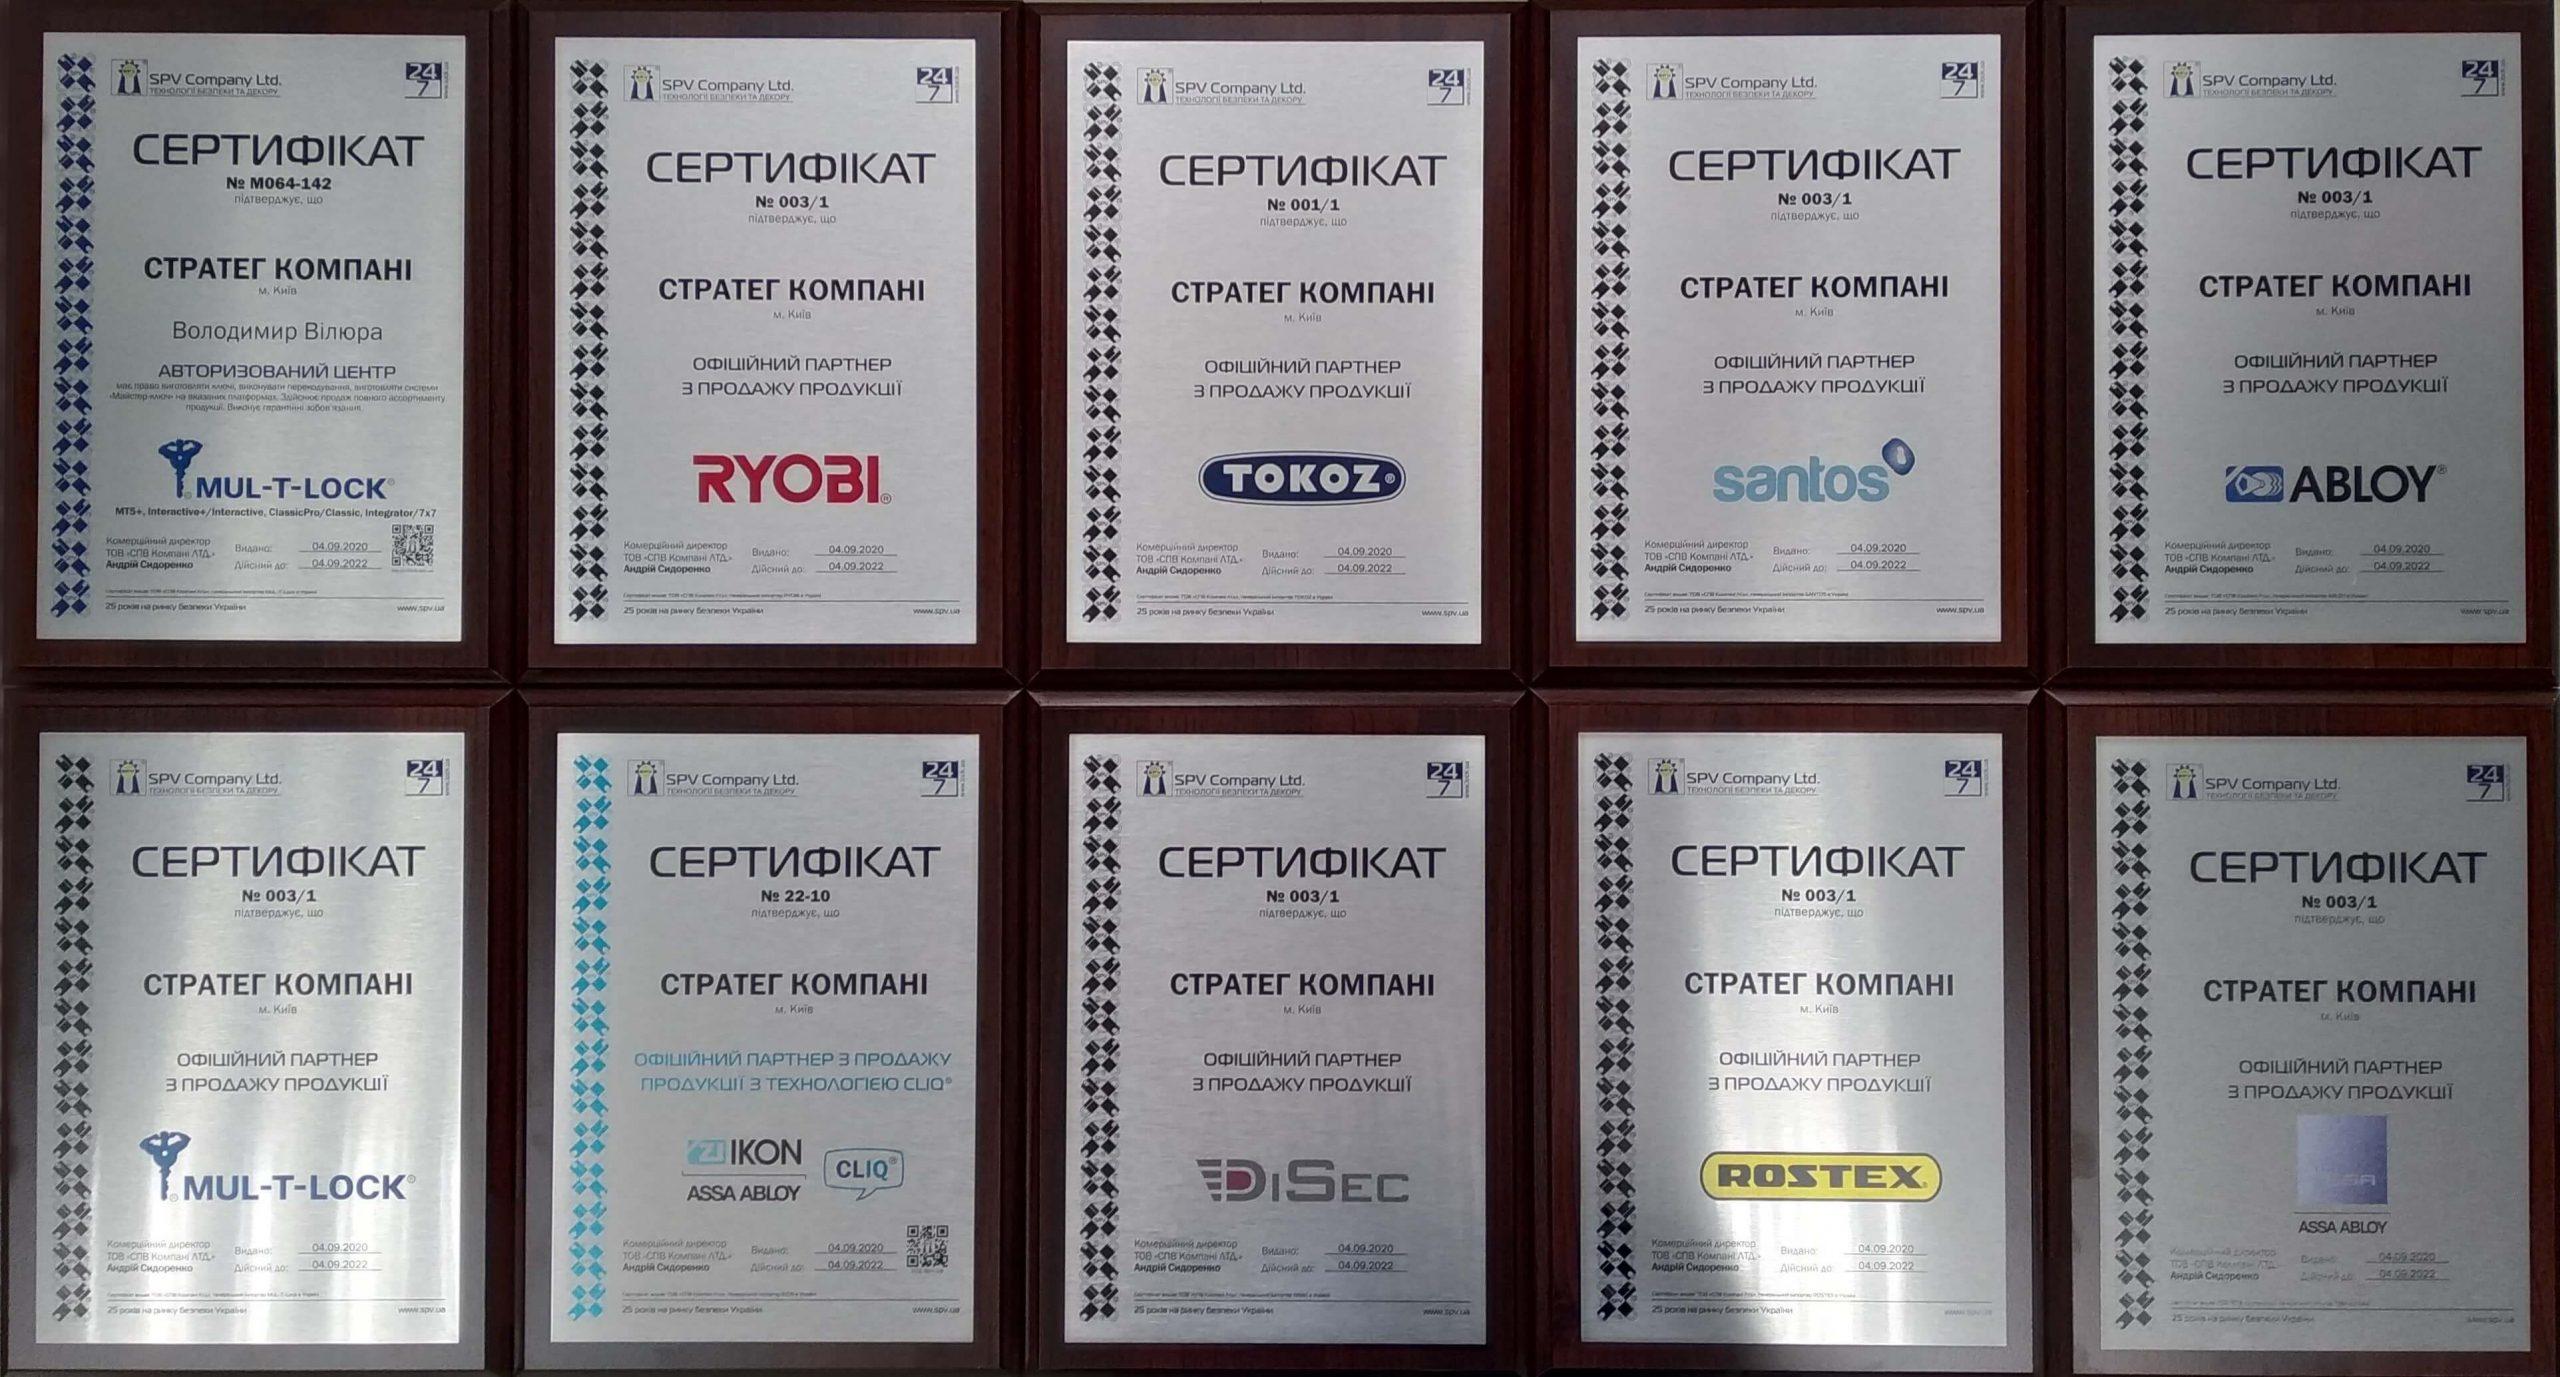 Сертифікати УНЧФ 085 Локсмайстер центр «Стратег Компані»